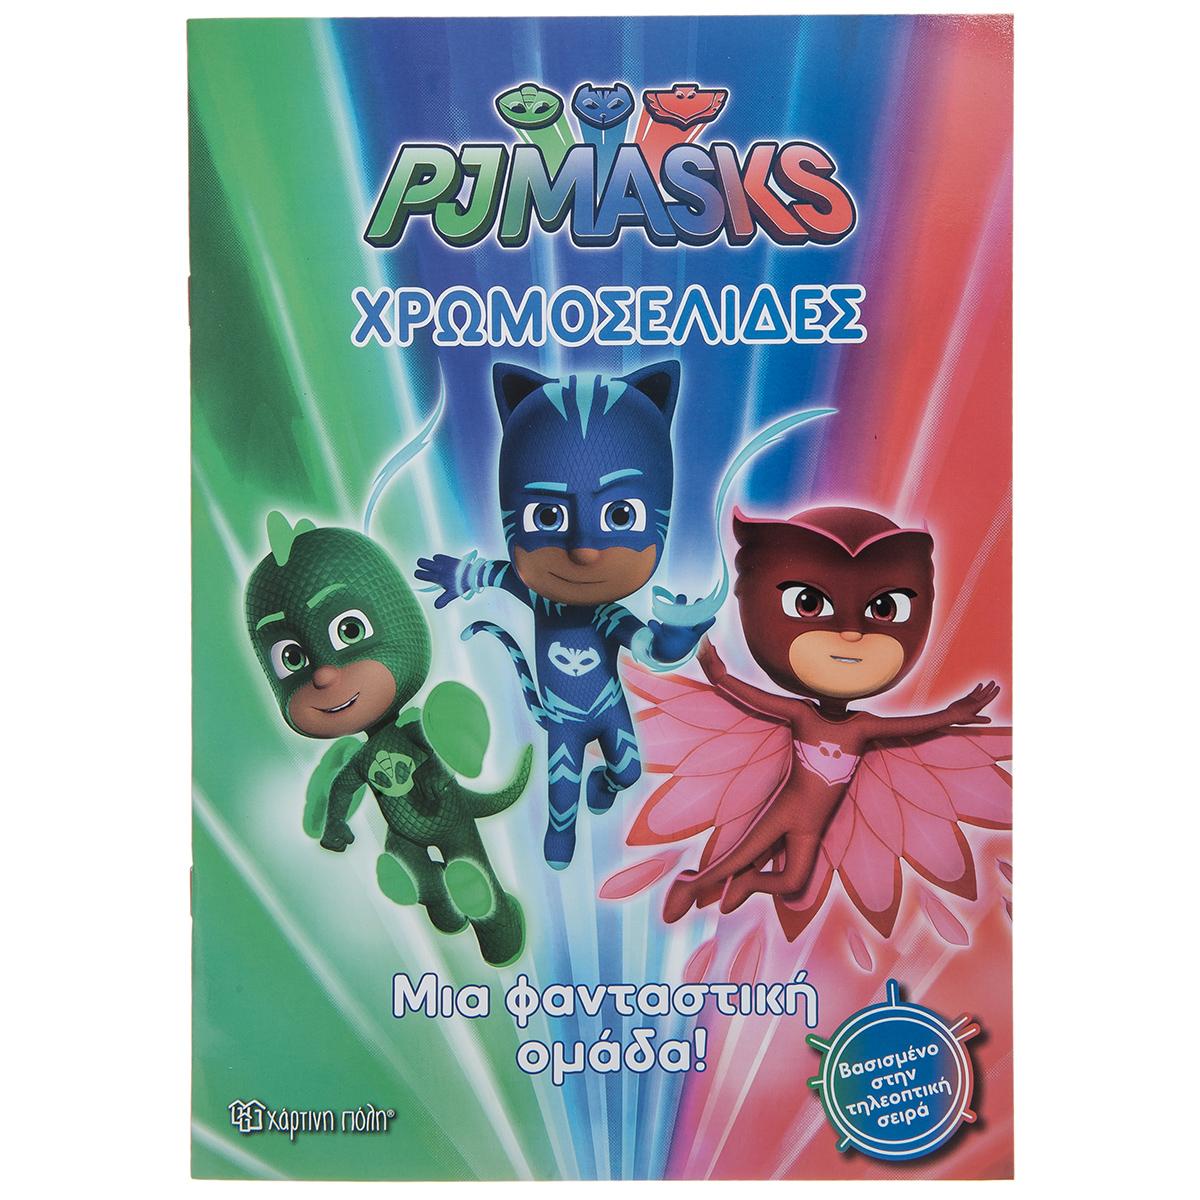 Βιβλίο PJ Masks Χρωμοσελίδες Μια φανταστική ομάδα 00011361 - MULTICOLOR - 3823-0043/3/196/95